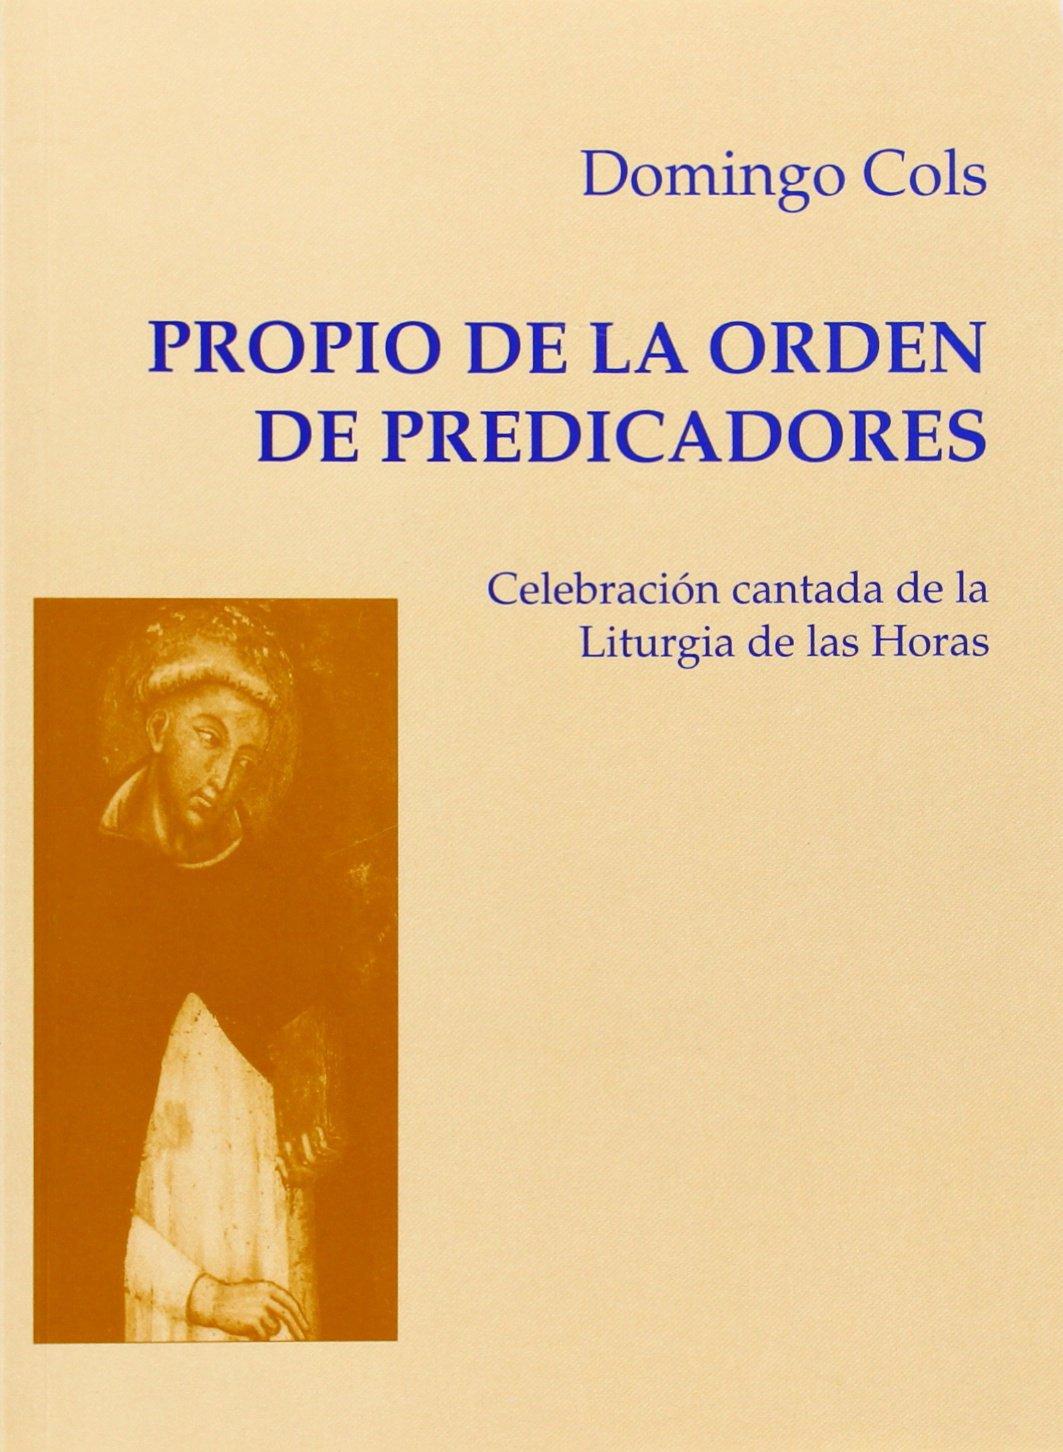 Propio de la Orden de Predicadores, El: Celebración cantada de la Liturgia de las Horas: 036 Publicaciones musicales: Amazon.es: Cols i Puig, Domènec: Libros